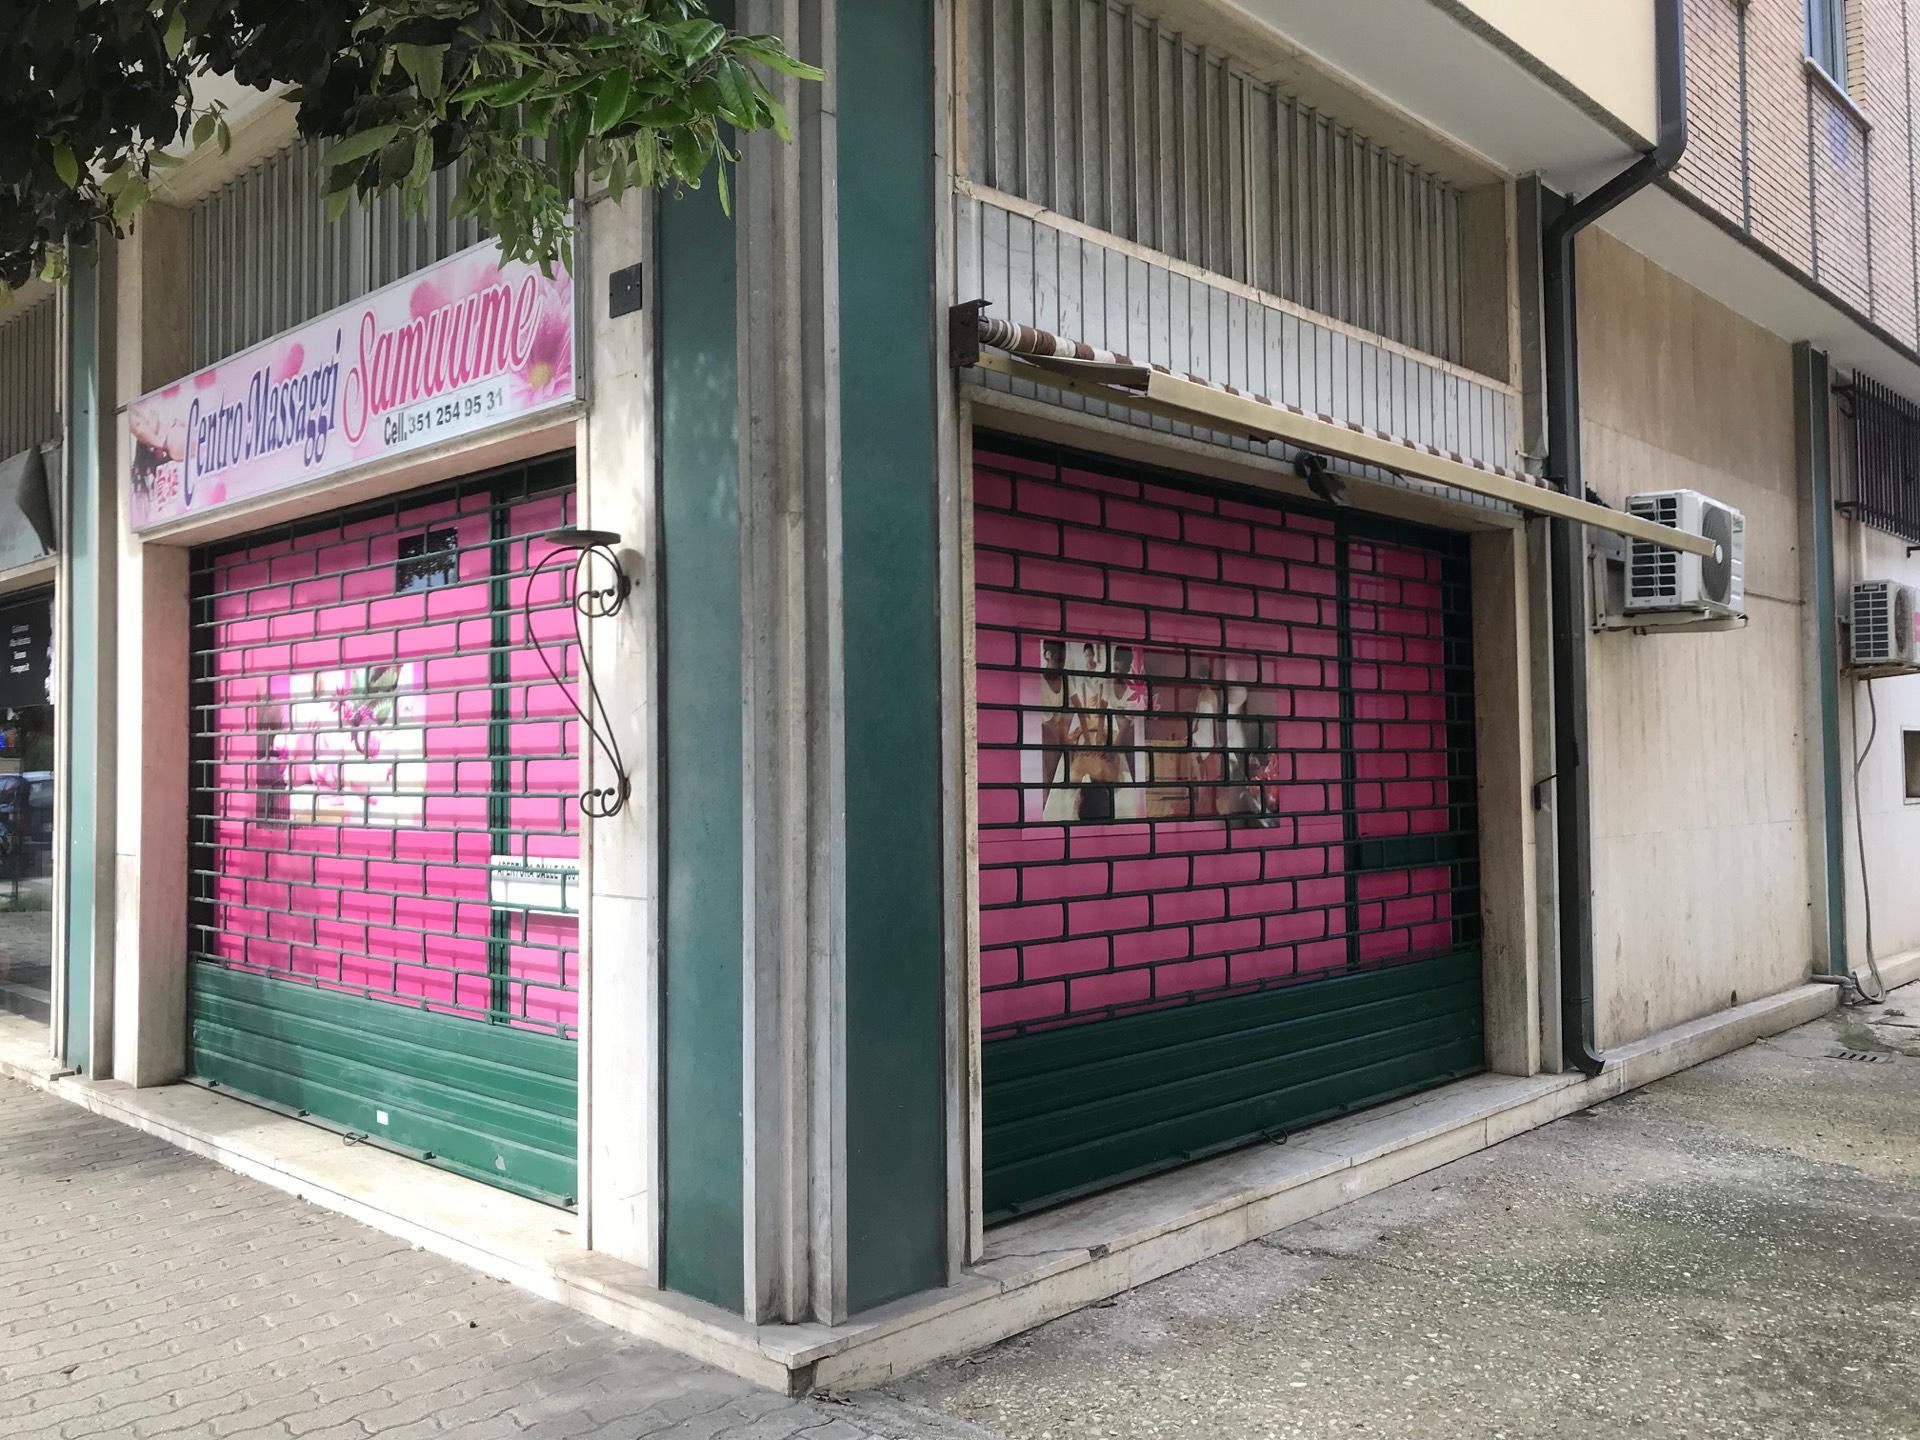 Negozio / Locale in affitto a Giulianova, 9999 locali, zona Località: Lido, prezzo € 900 | CambioCasa.it